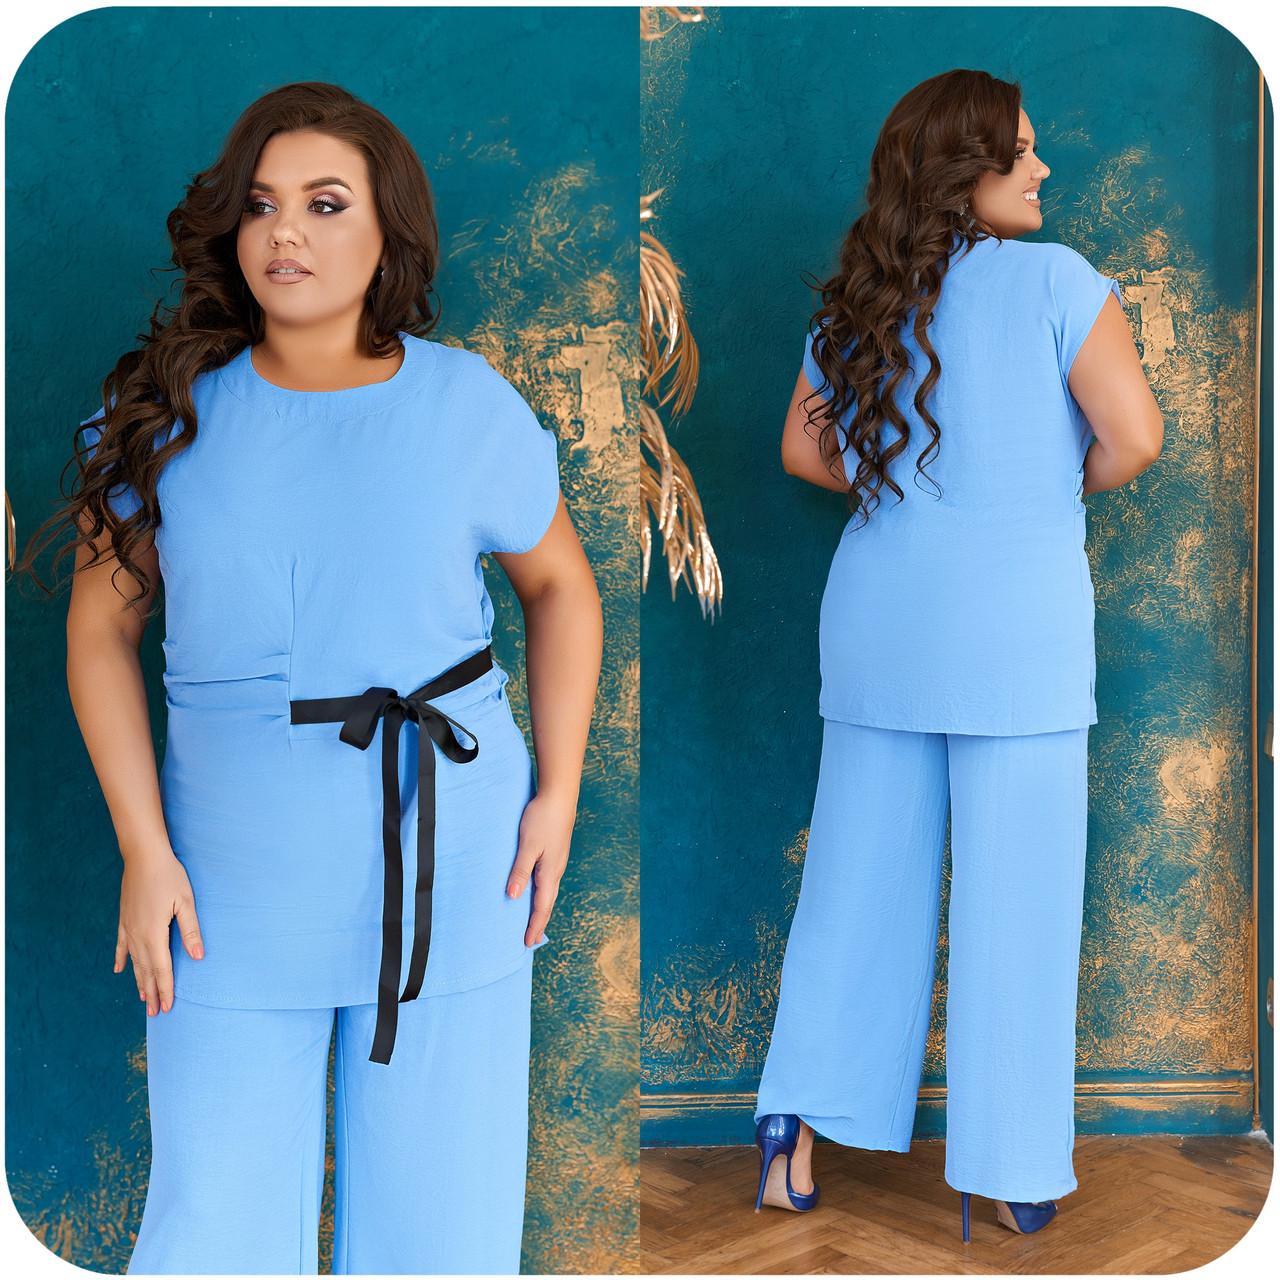 Невероятно стильный и комфортный летний женский костюм блуза + брюки. р.48-50,52-54,56-58,60-66, 3 цвета 3337Ф